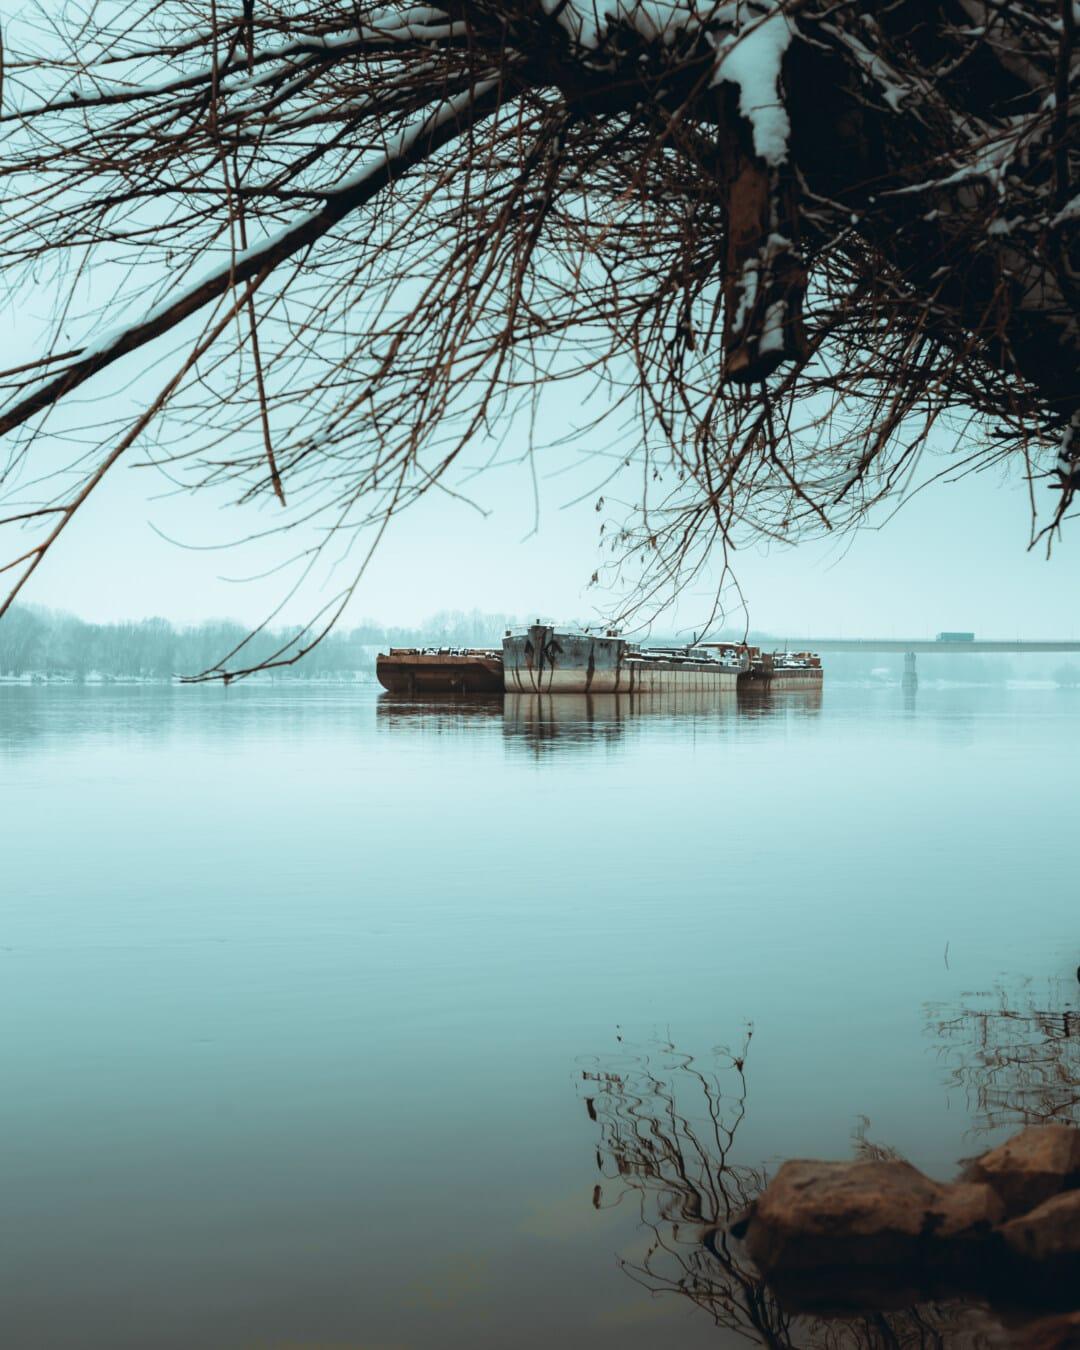 Frachtschiff, Transport, schwere, Schiff, industrielle, Winter, Reisen, neblig, Flussufer, Wasser